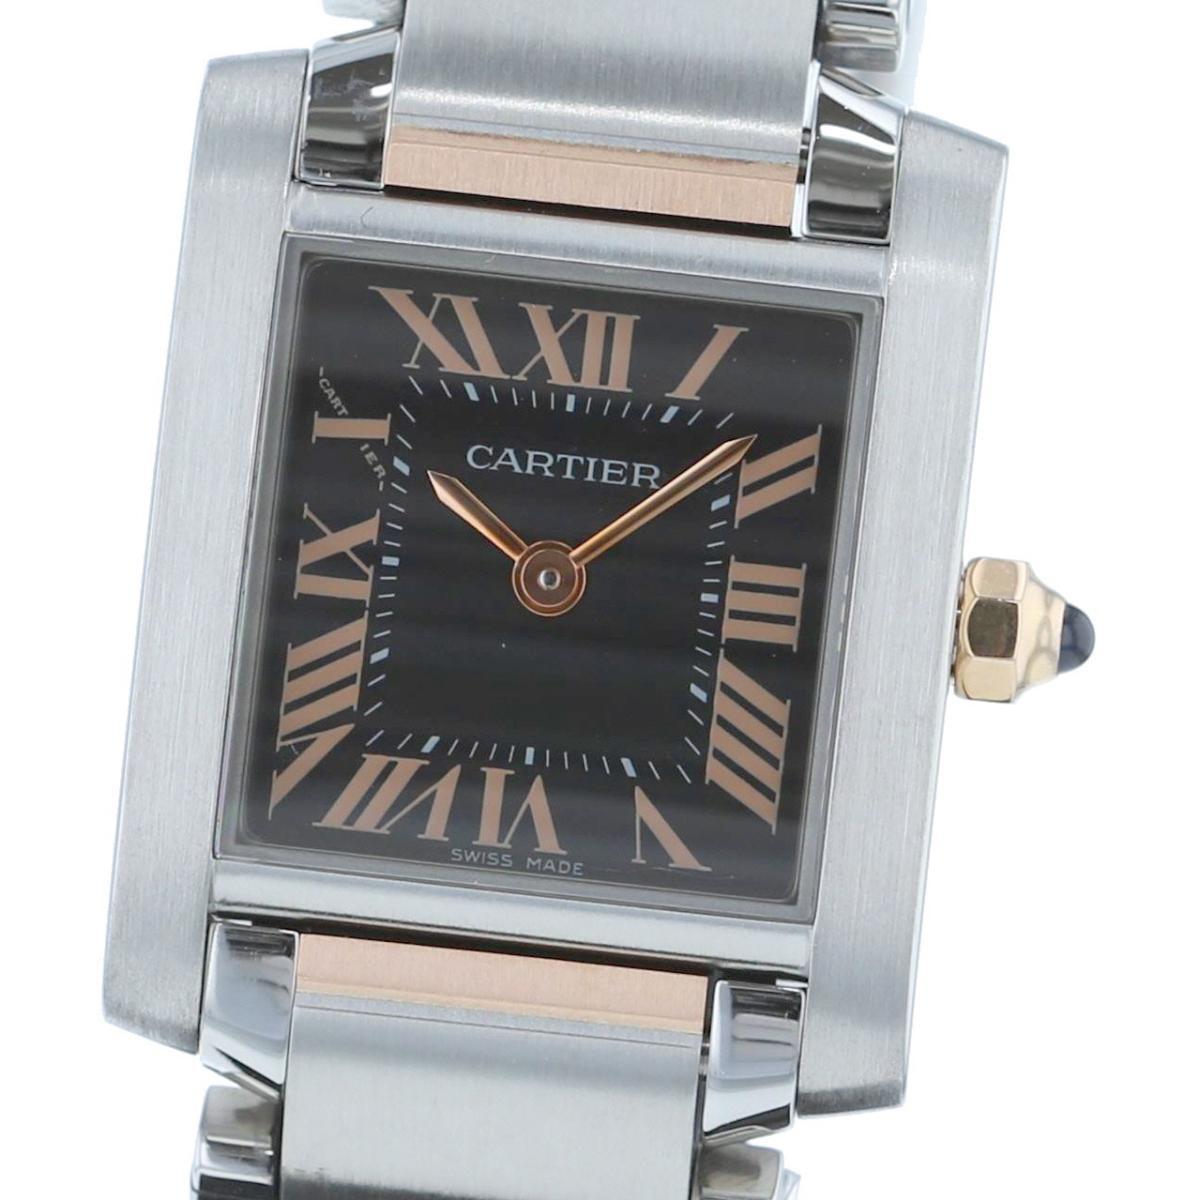 【お値下げ品】【中古】 Cartier (カルティエ) タンクフランセーズ2009年Xmas限定 時計 クオーツ/レディース TANK FRANCAISE Black W5010001 used:A